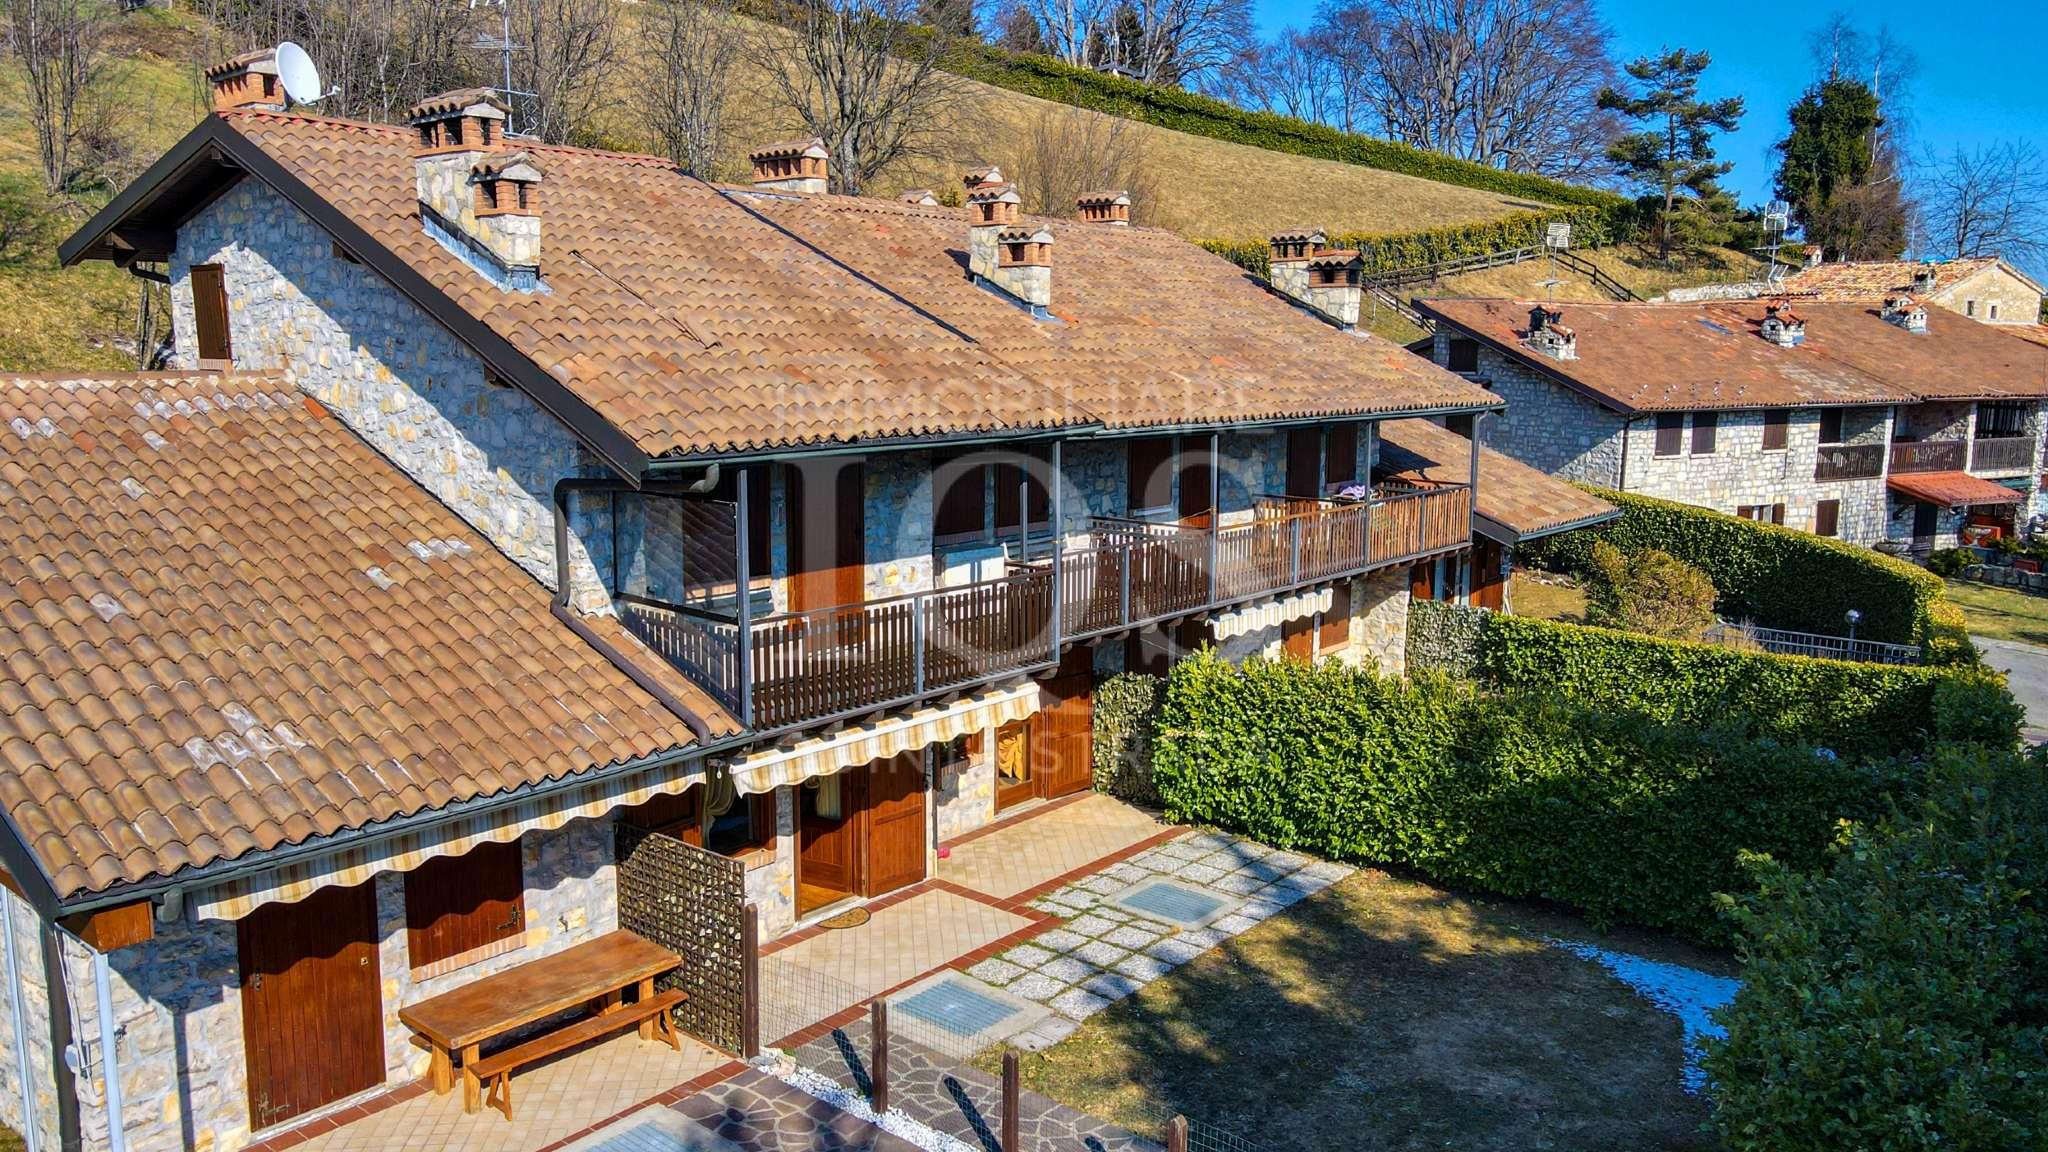 Appartamento in vendita a Grone, 3 locali, prezzo € 87.000 | PortaleAgenzieImmobiliari.it